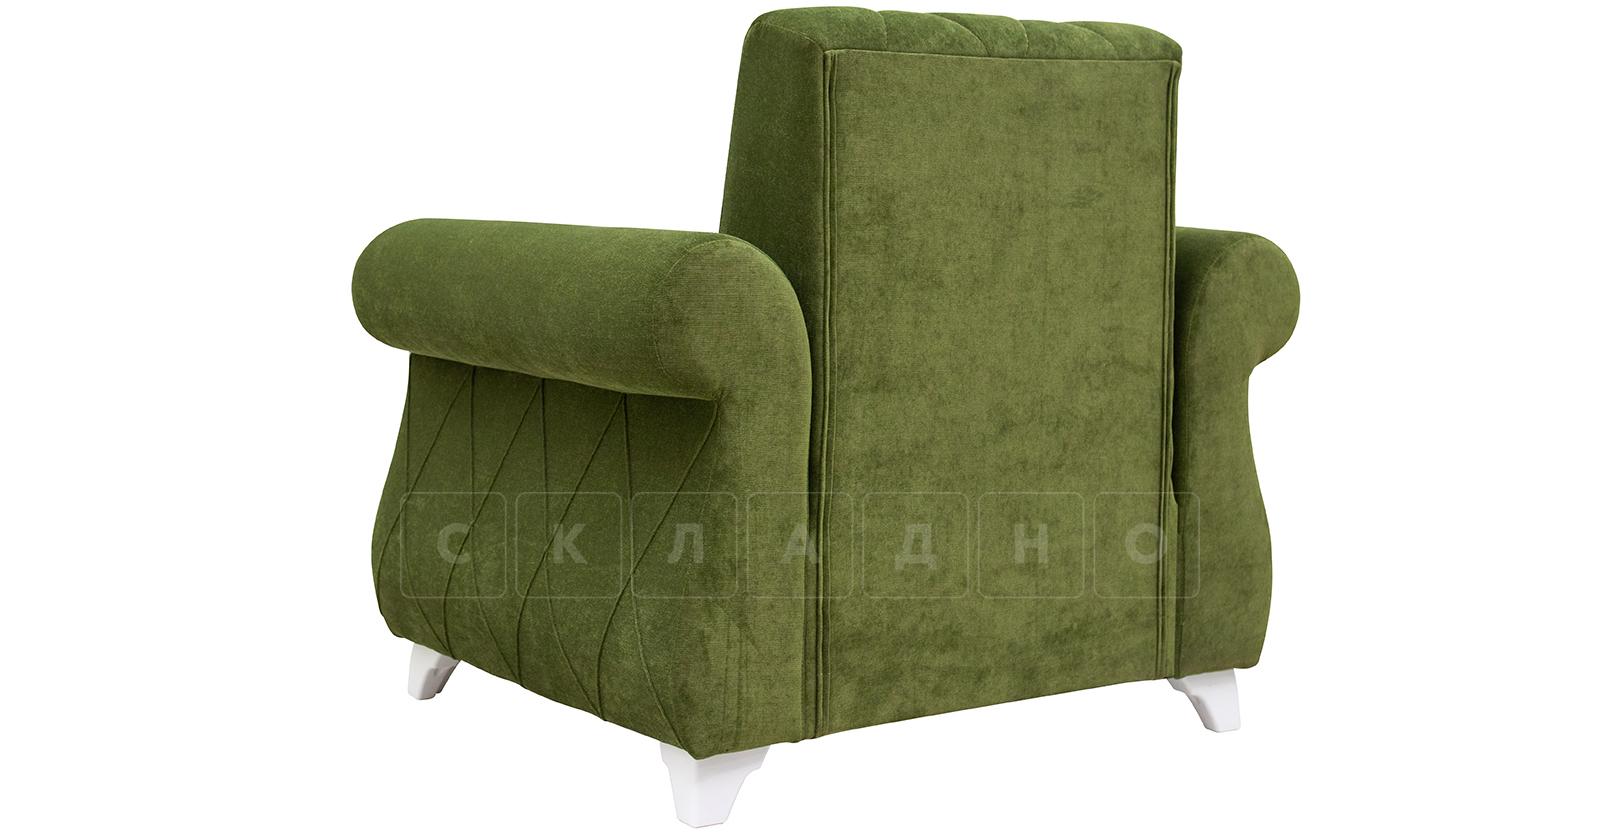 Кресло для отдыха Роза оливковый фото 4 | интернет-магазин Складно